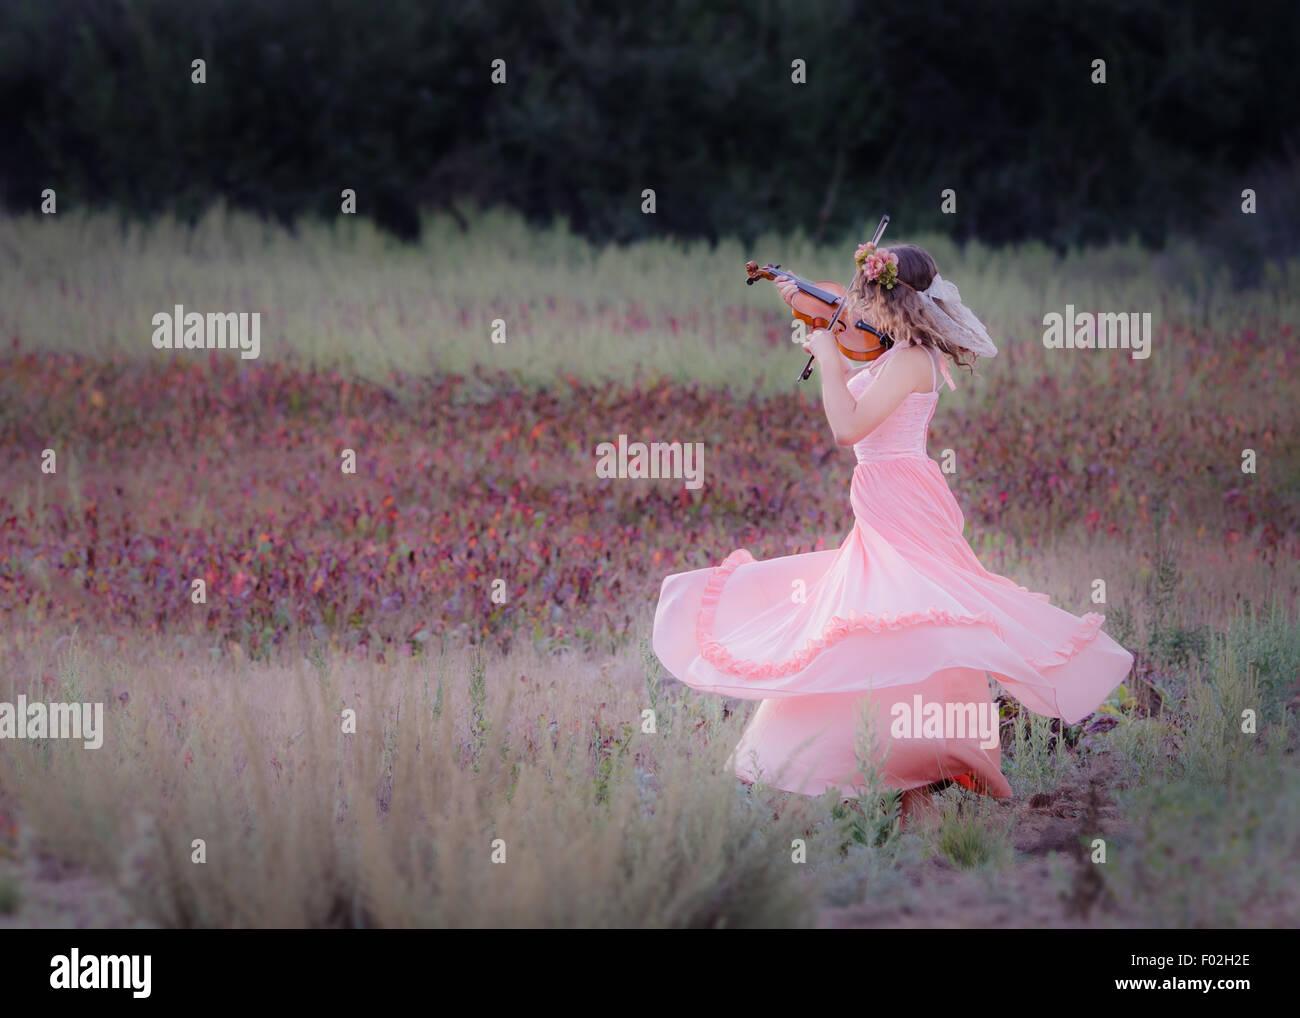 Girl Dancing dans un domaine tout en jouant du violon Photo Stock